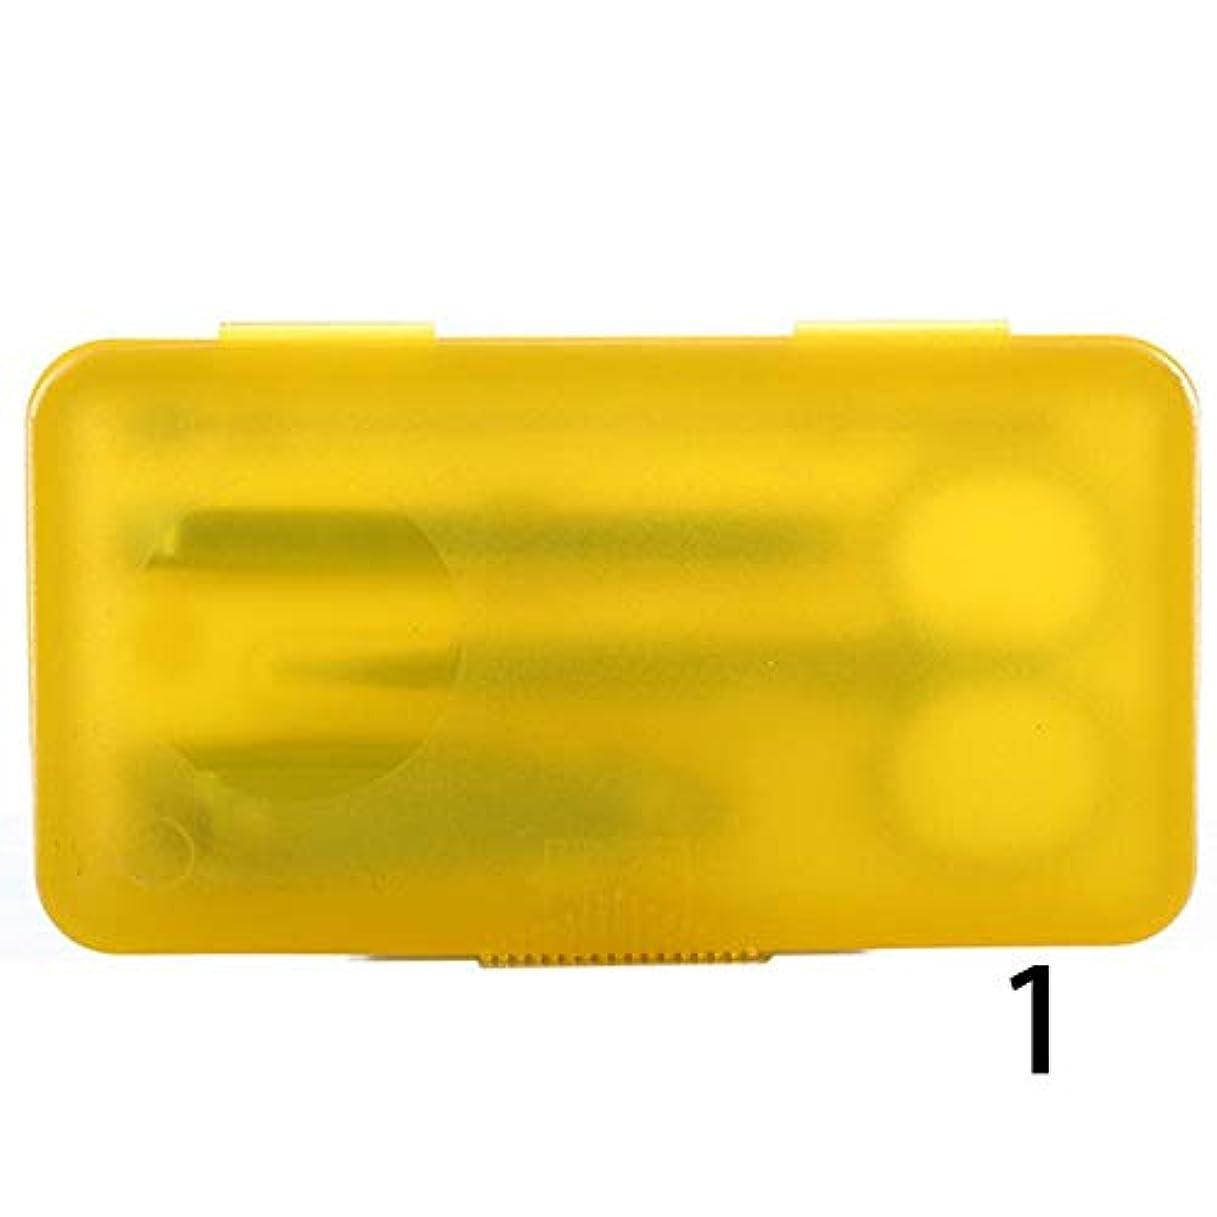 スプリット扇動真珠のようなKIDQEYG 4本のステンレスマニキュアツールネイルはさみセットネイルクリッパーマニキュアスーツネイルアートマニキュアセットツール